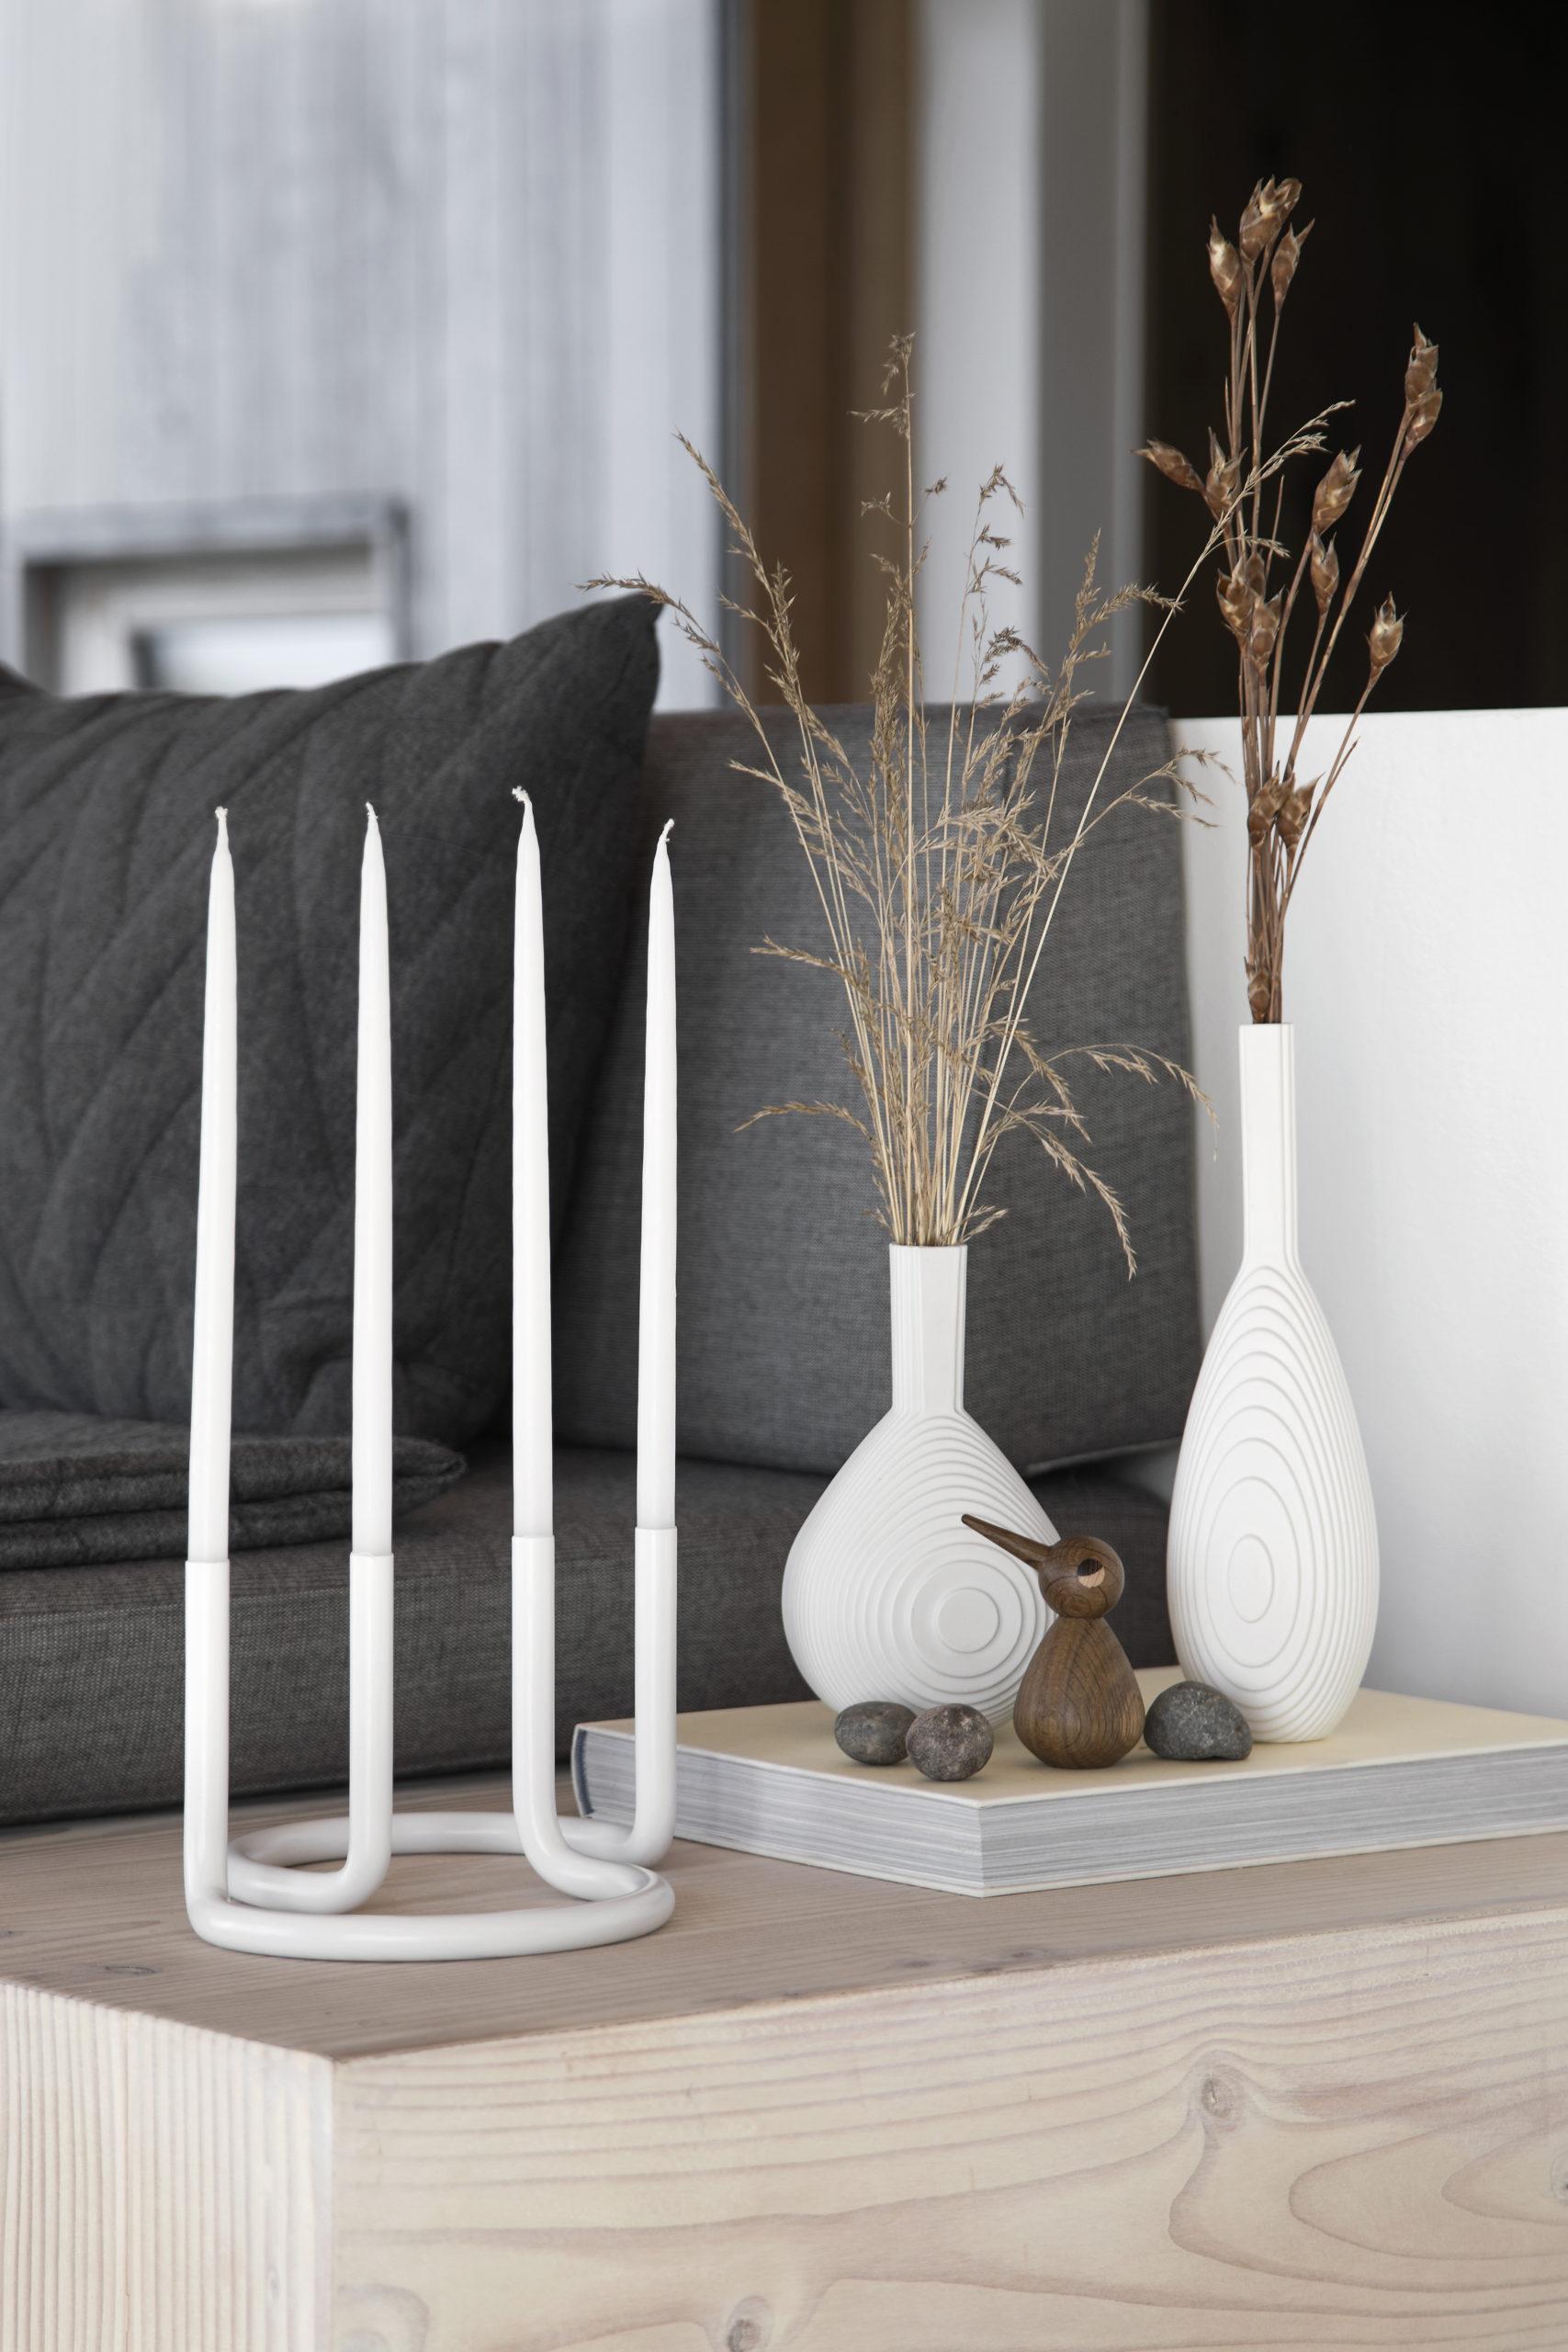 Architectmade-Gemini-Candleholder-Stainless-Steel-Denmark-Peter-Karpf-14